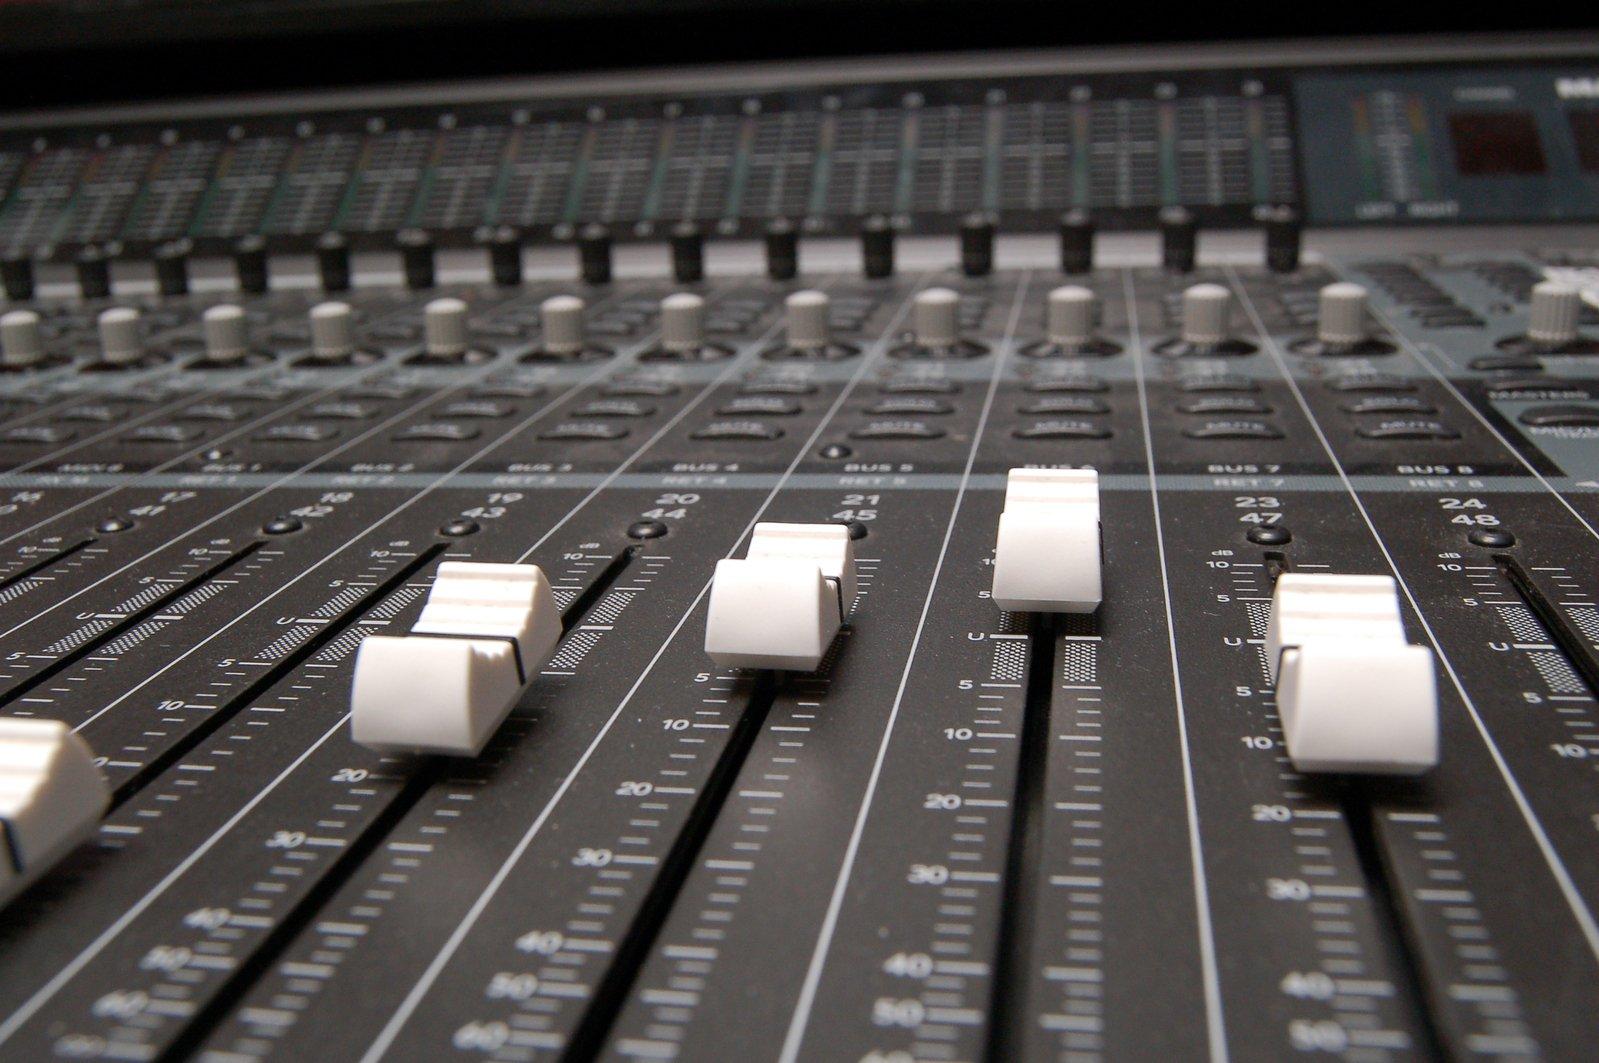 sound-mixer-1-1242558.jpg